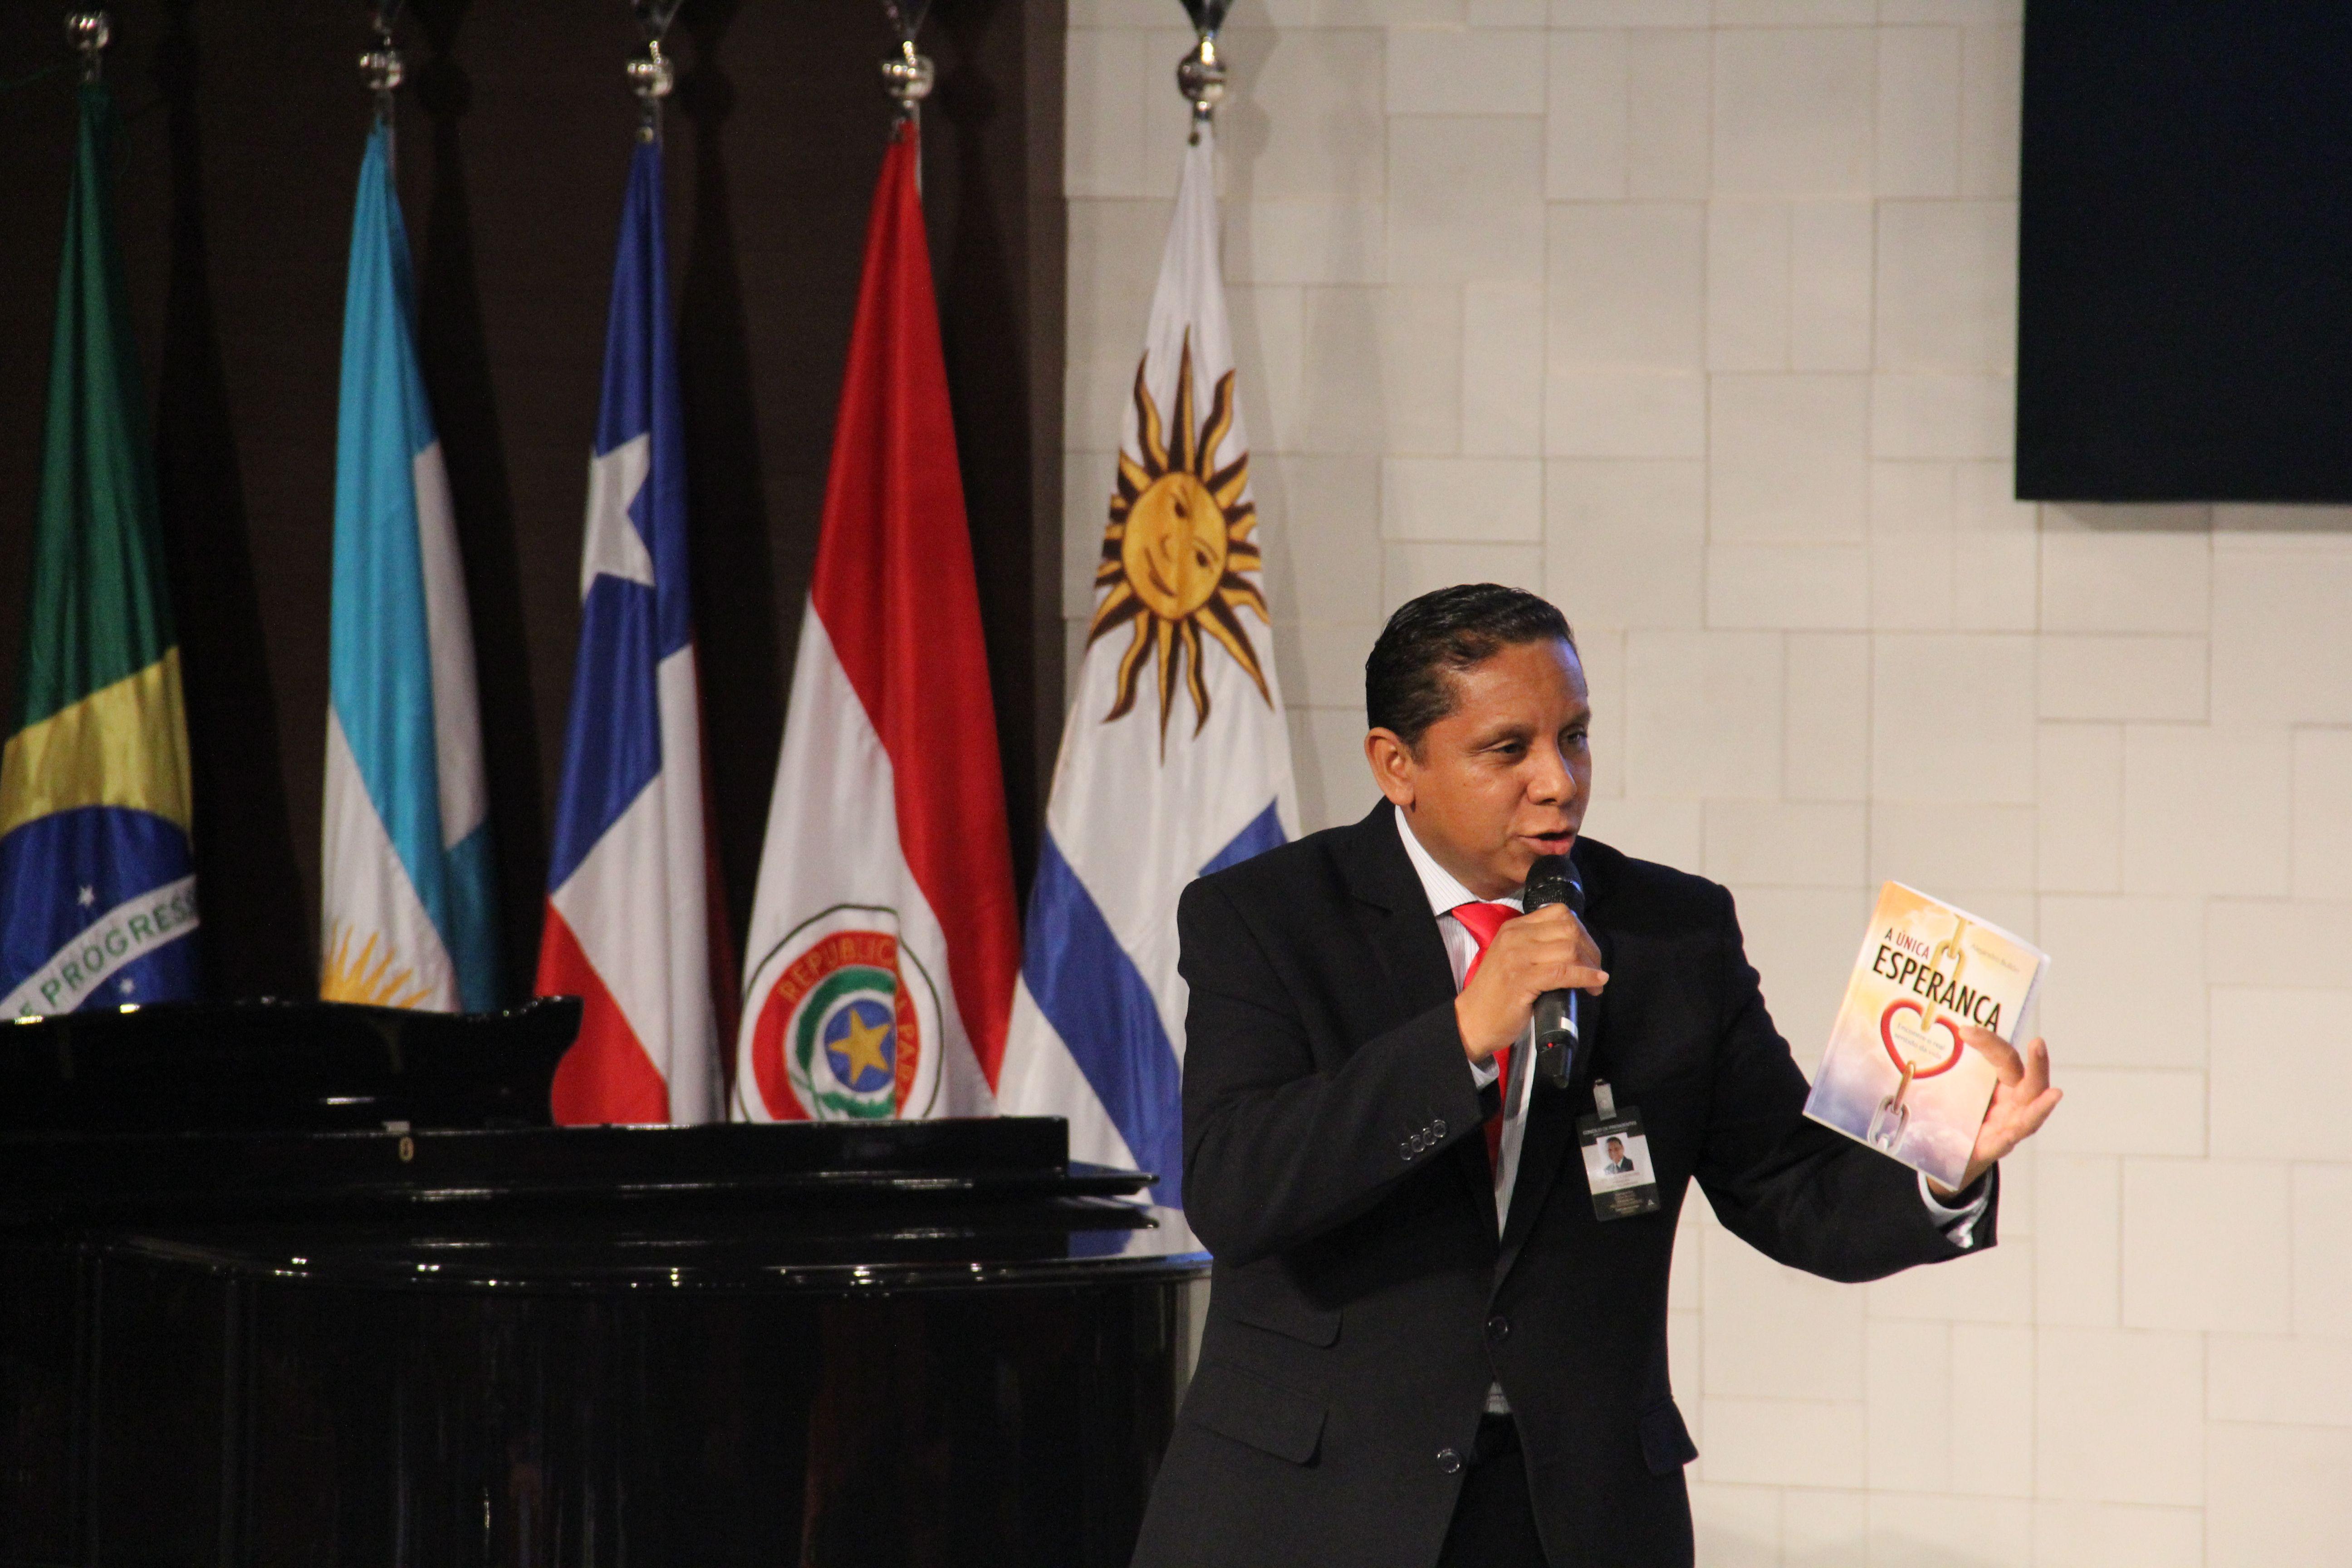 Adventistas sul-americanos se preparam para mega distribuição de livros.